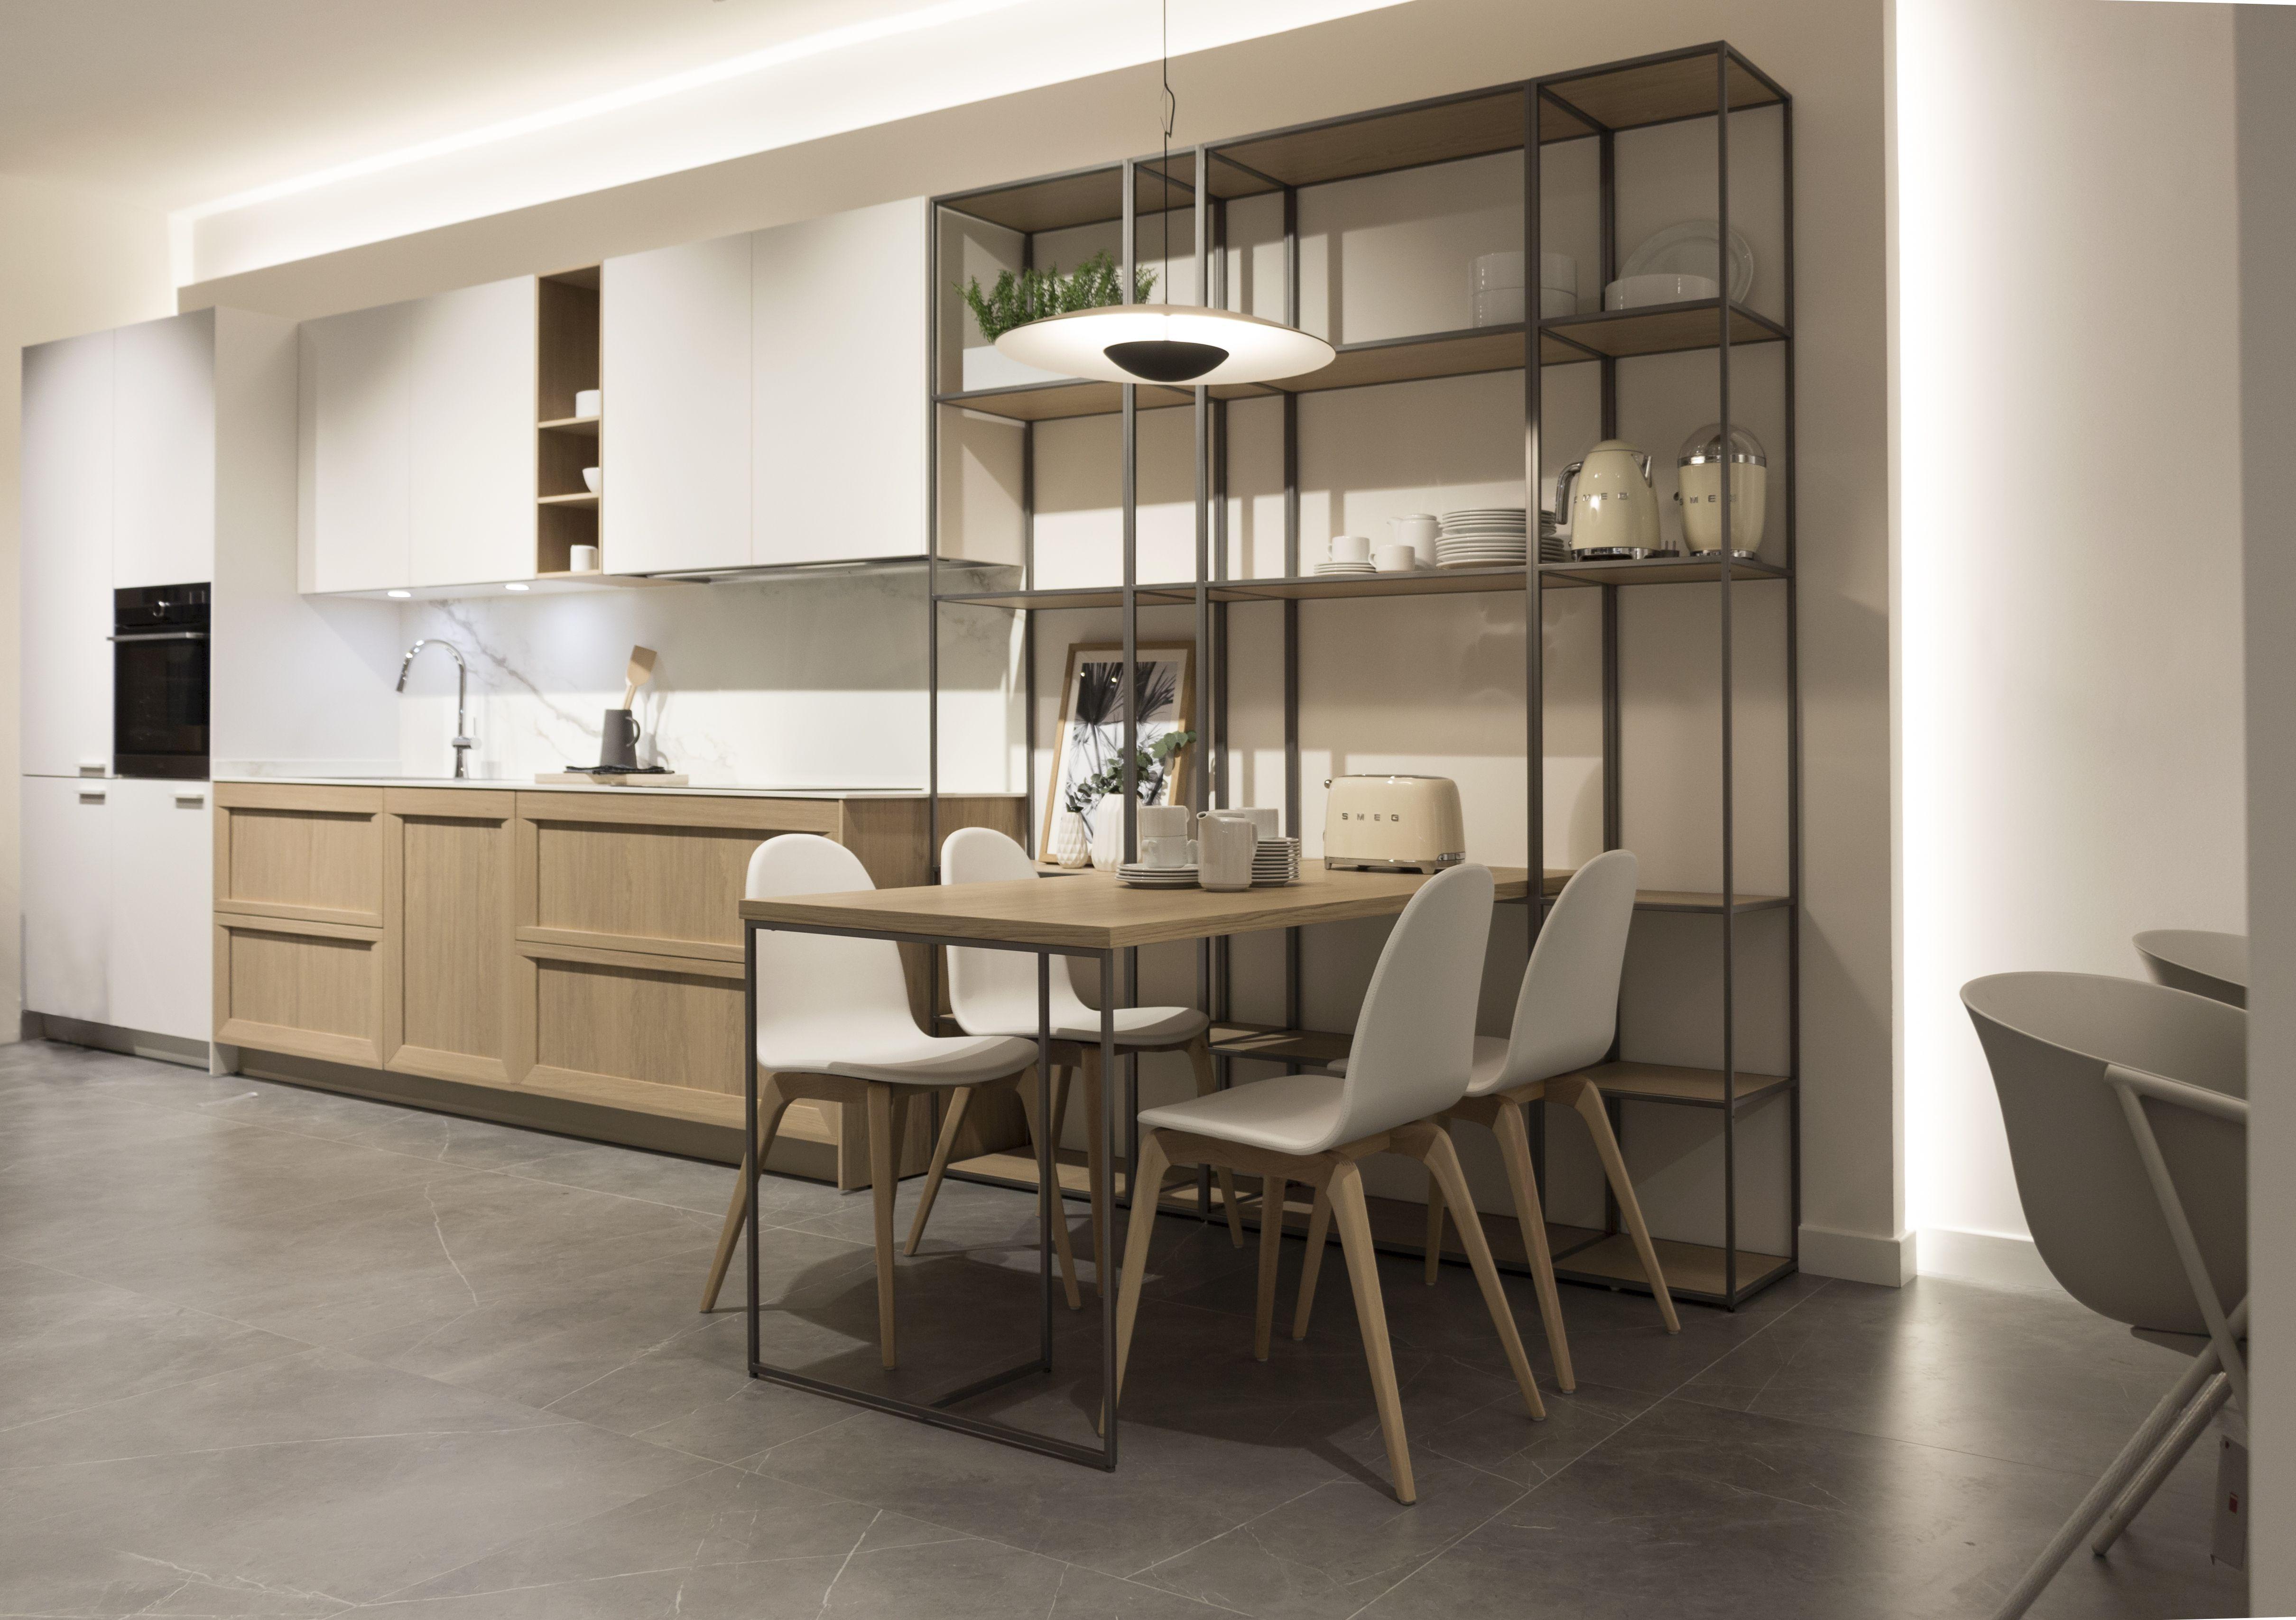 Nuevo showroom en Oviedo. Cocina SoHo. Mesa integrada en la ...